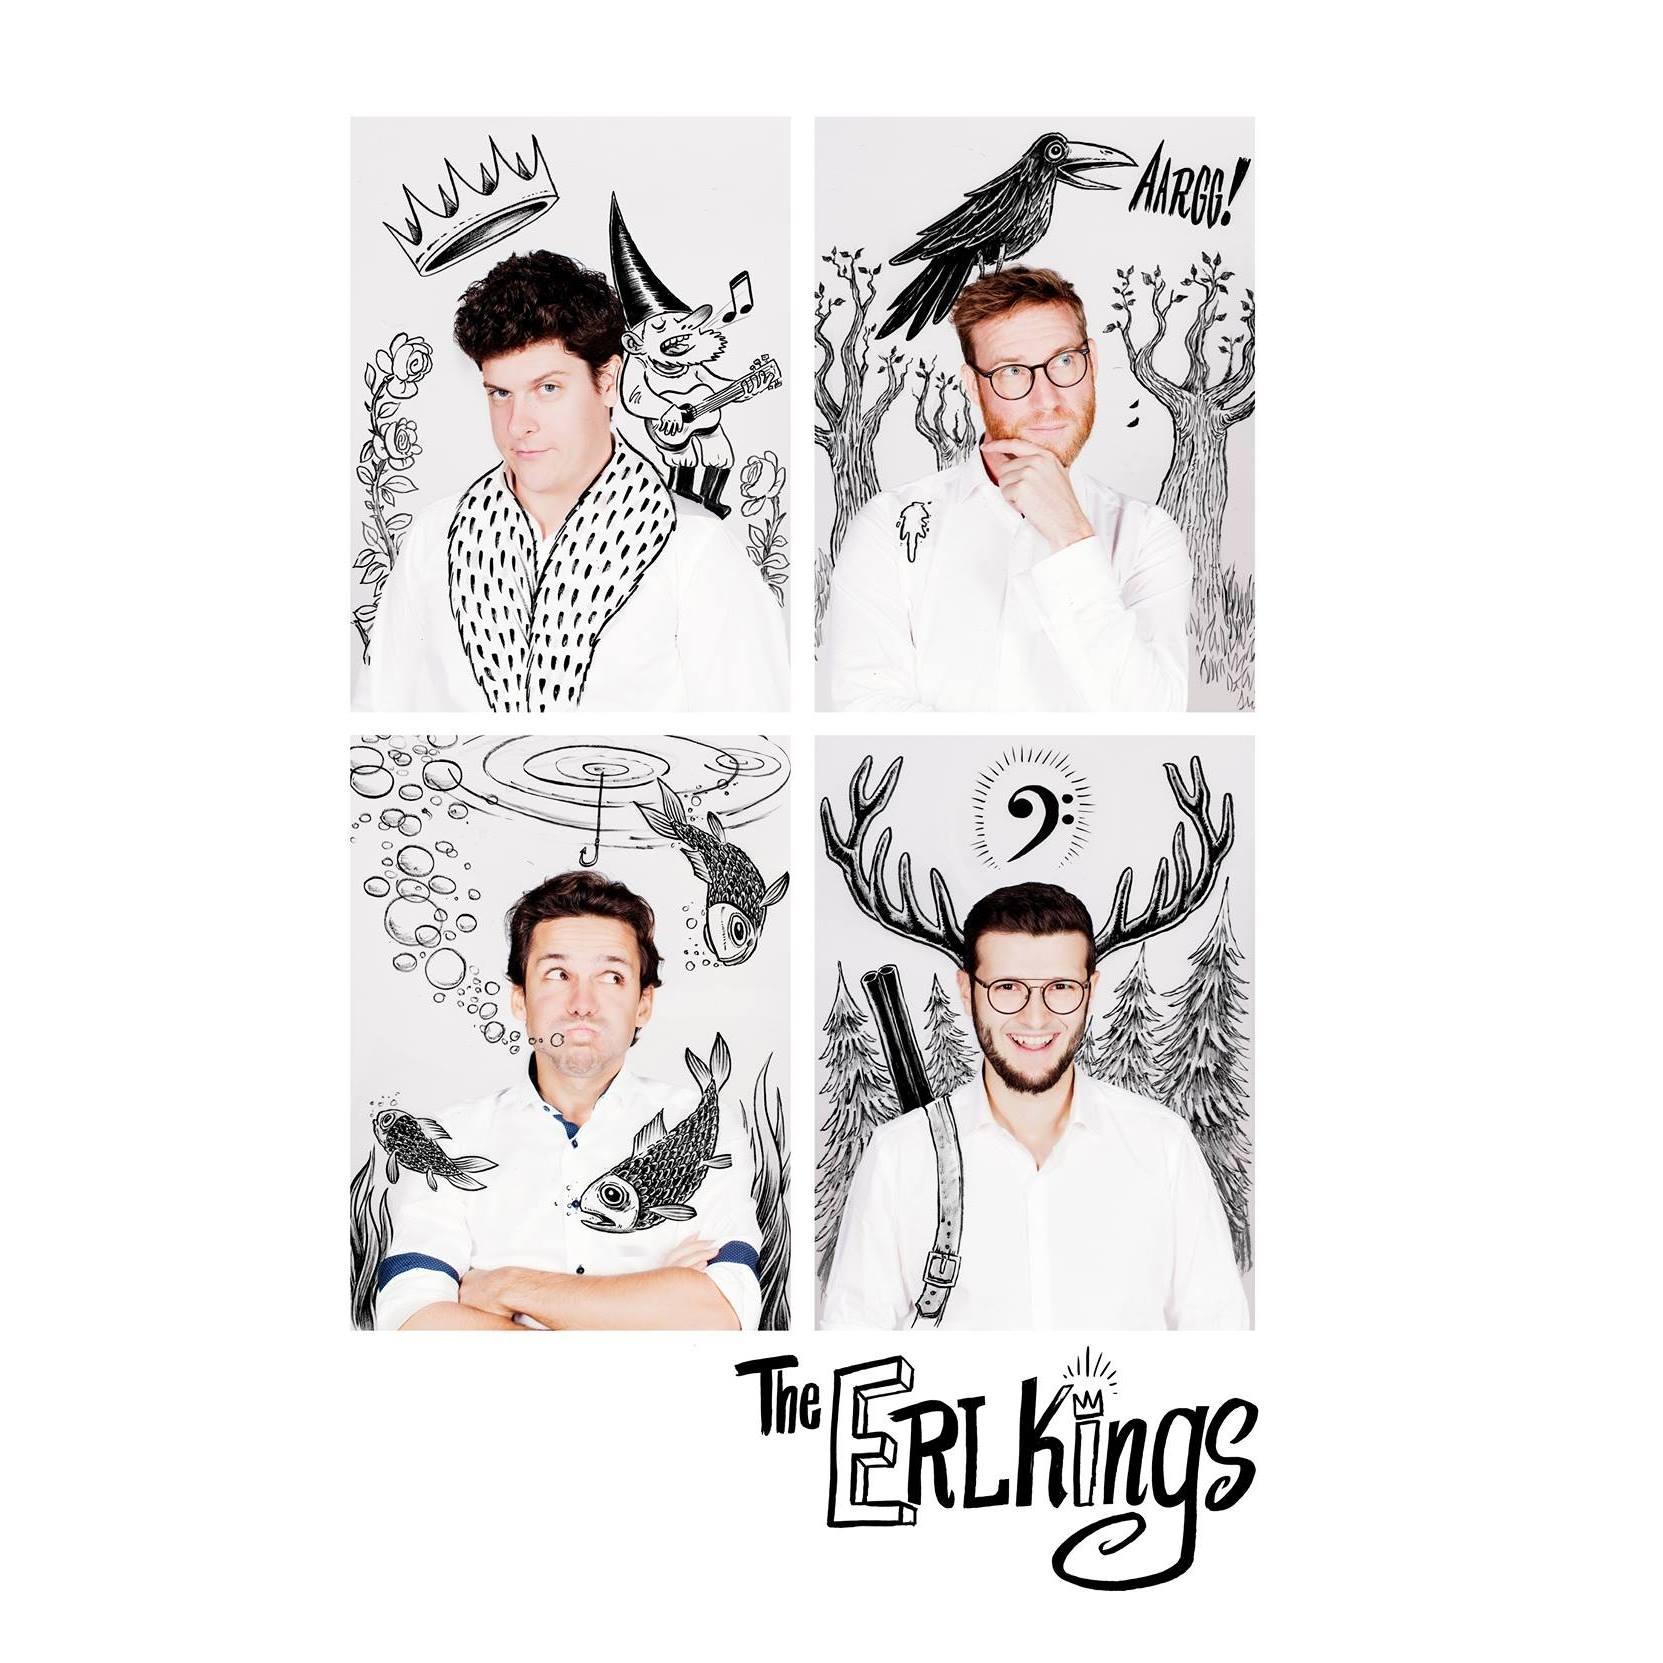 The Erlkings